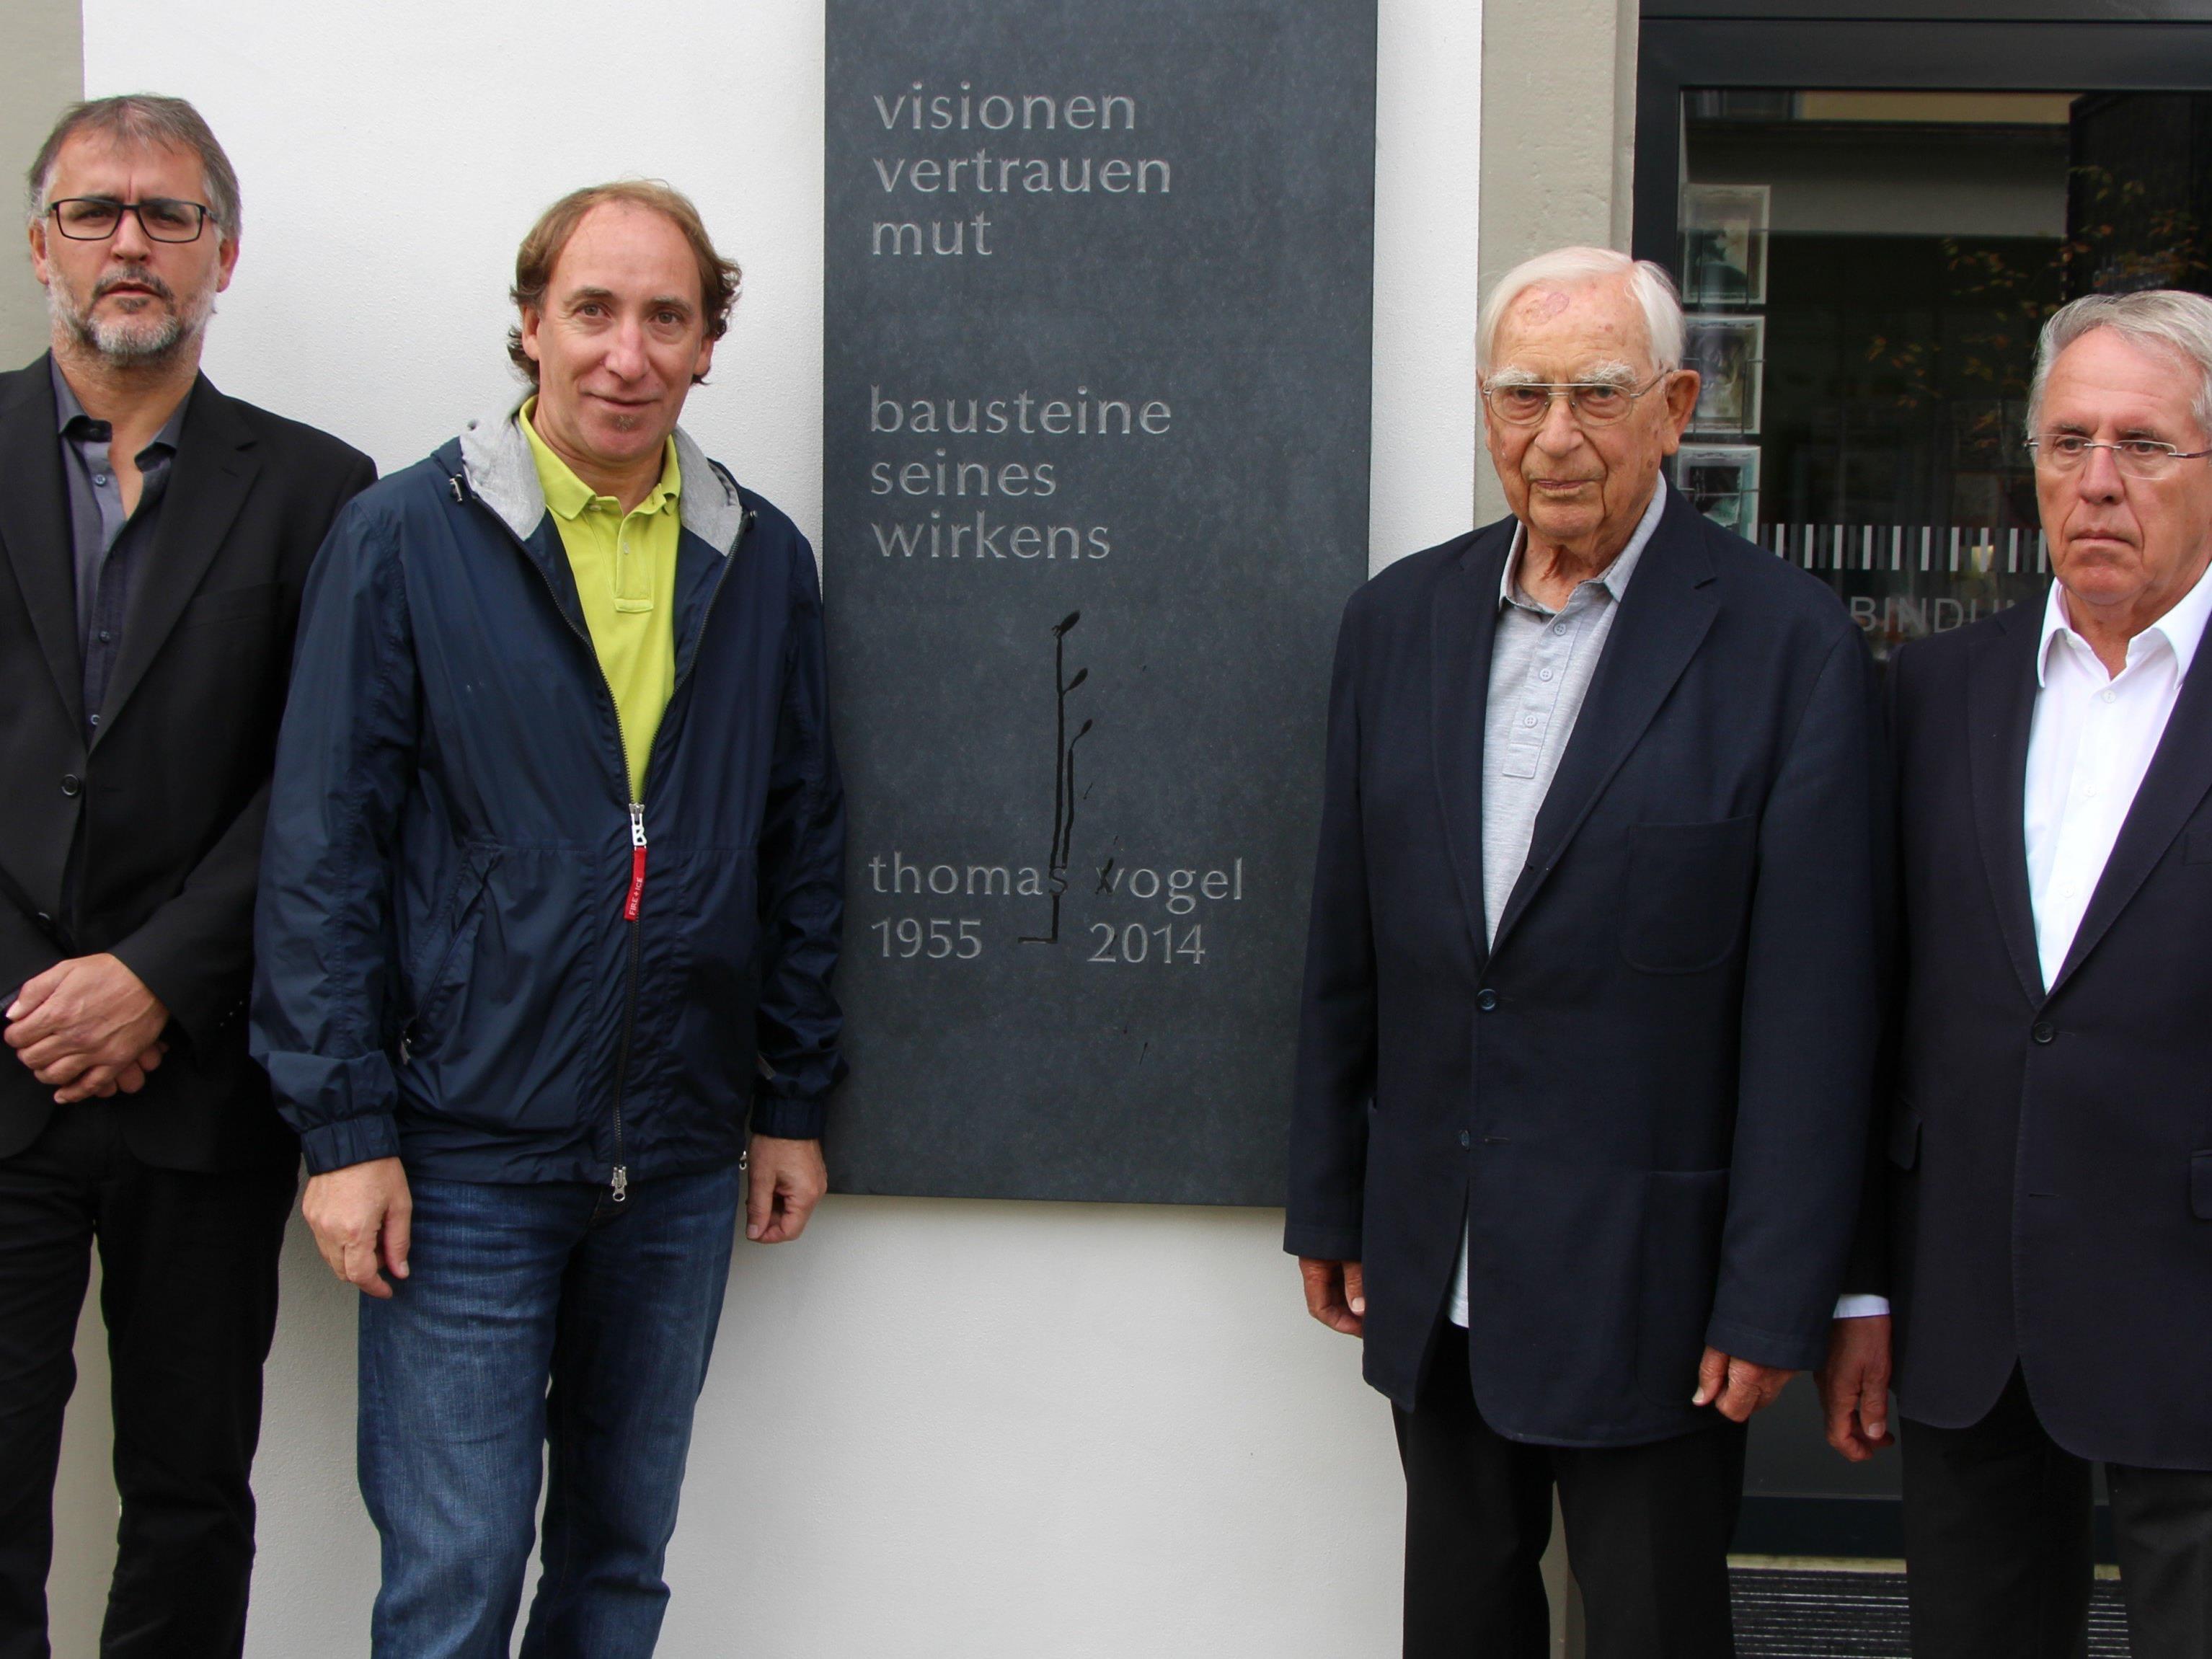 Peter Hämmerle, Johannes Rauch, Pater Alex Blöchlinger und Günter Lampert vor der Gedenktafel für Thomas Vogel.